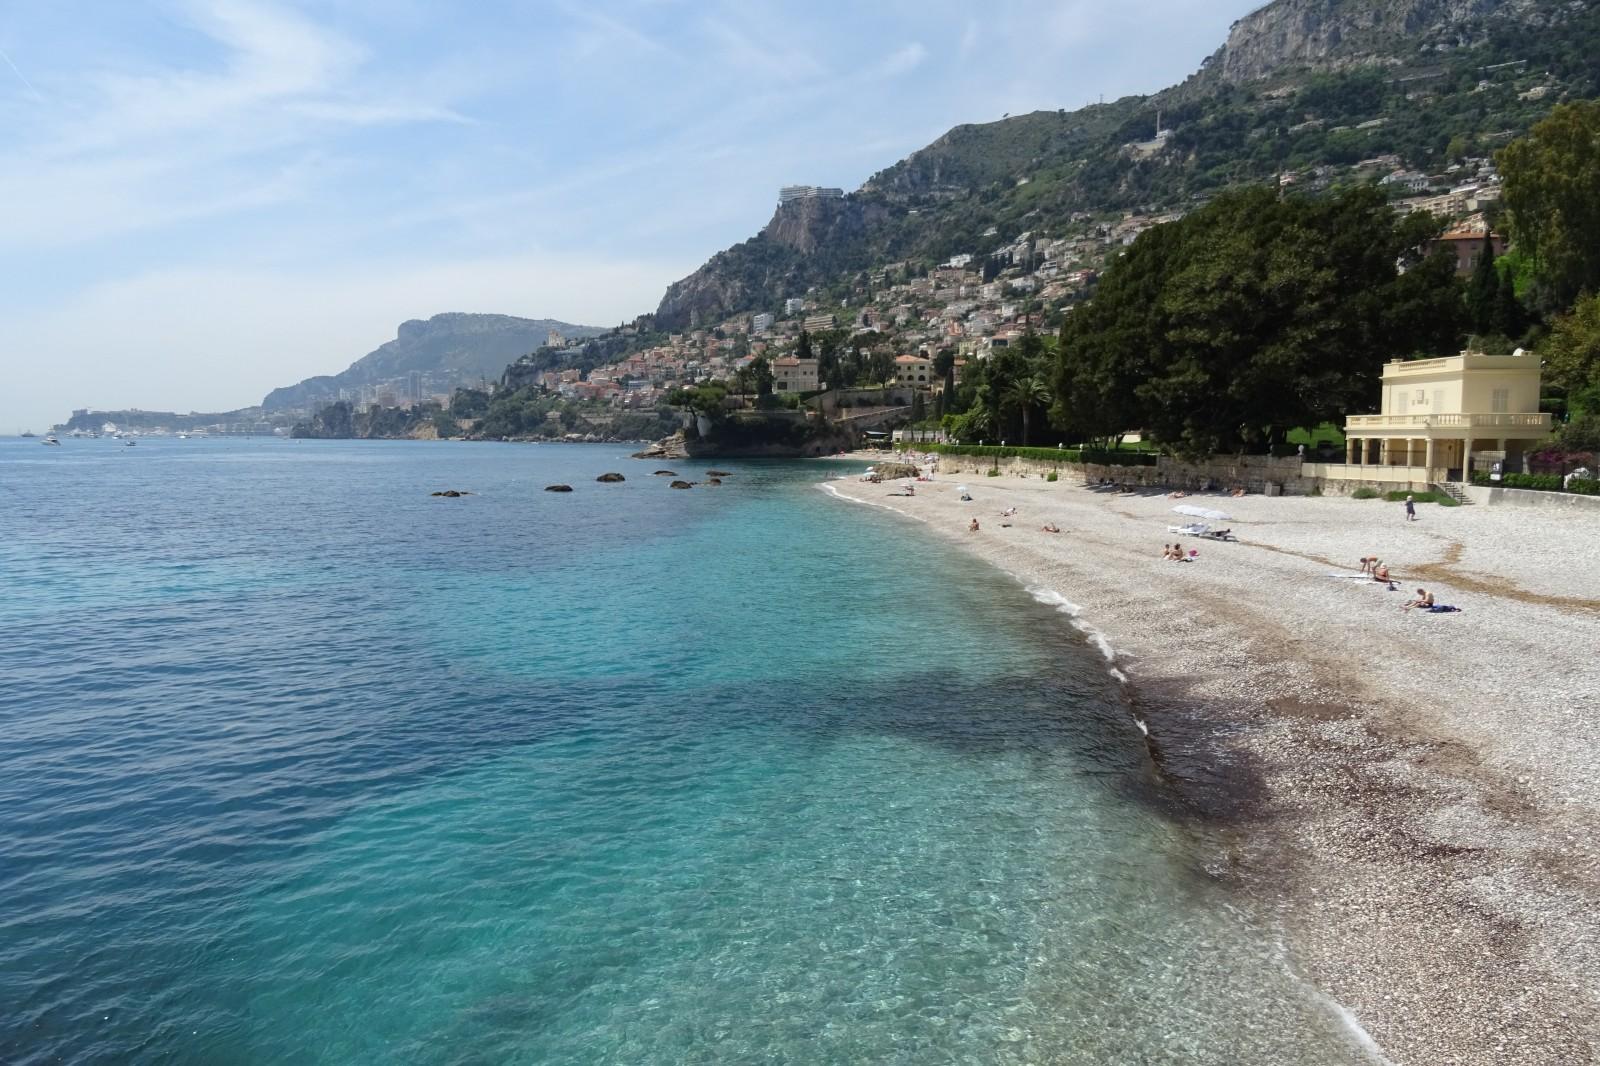 Photo plage du buse et pointe de cabb - Roquebrune cap martin office du tourisme ...